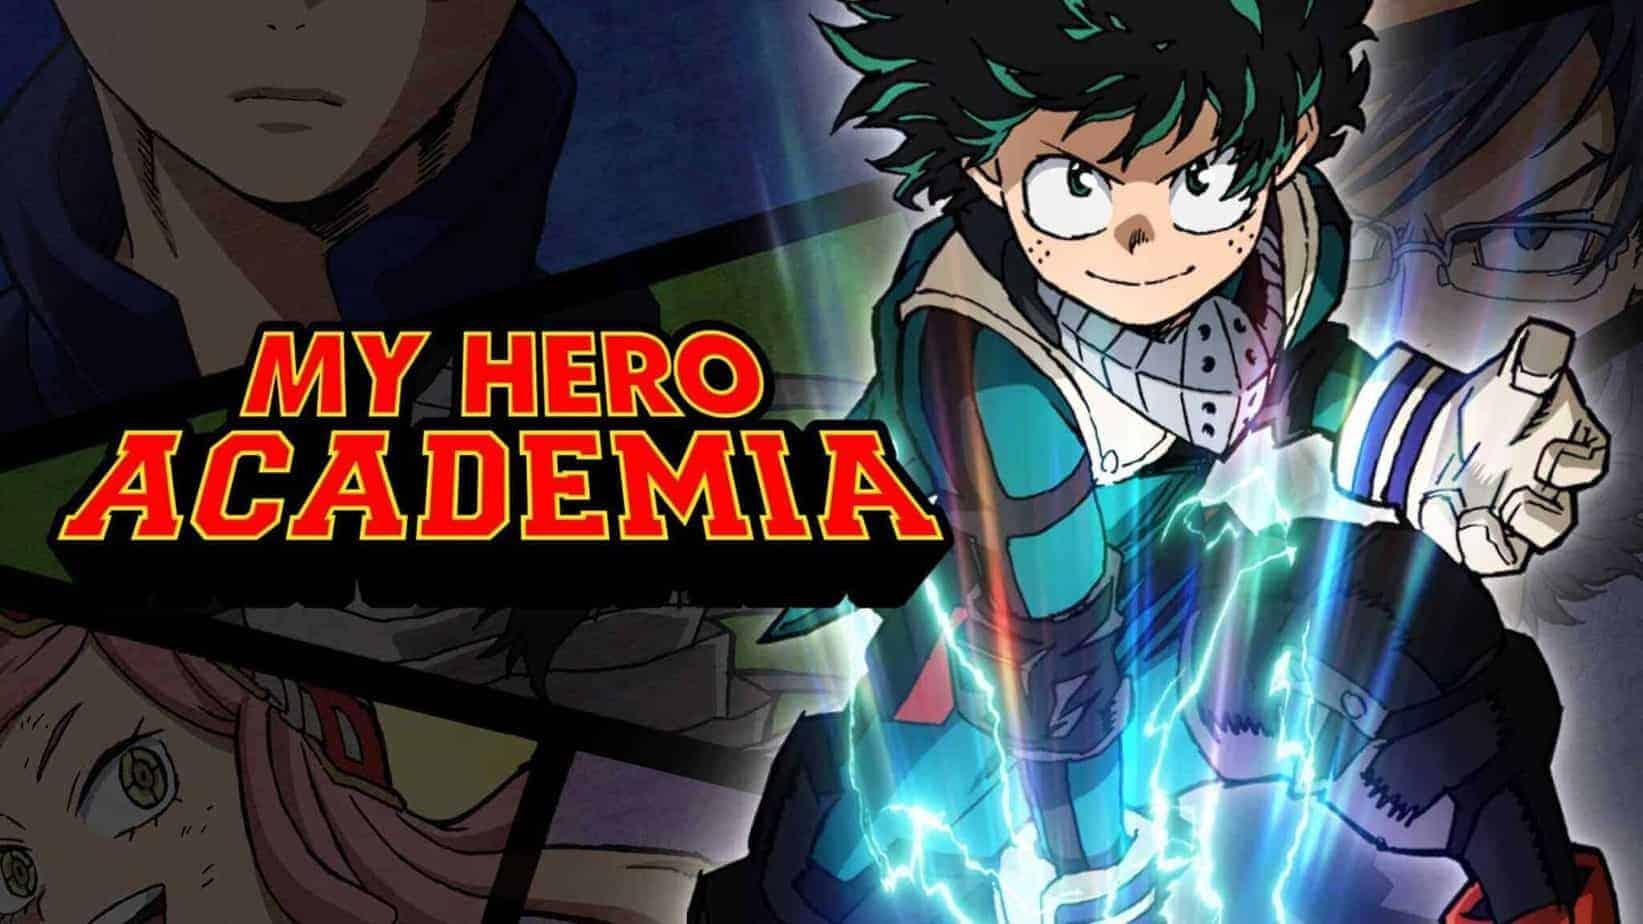 My Hero Academia Saison 3 Épisode 6 : Fuites d'images et spoilers 15